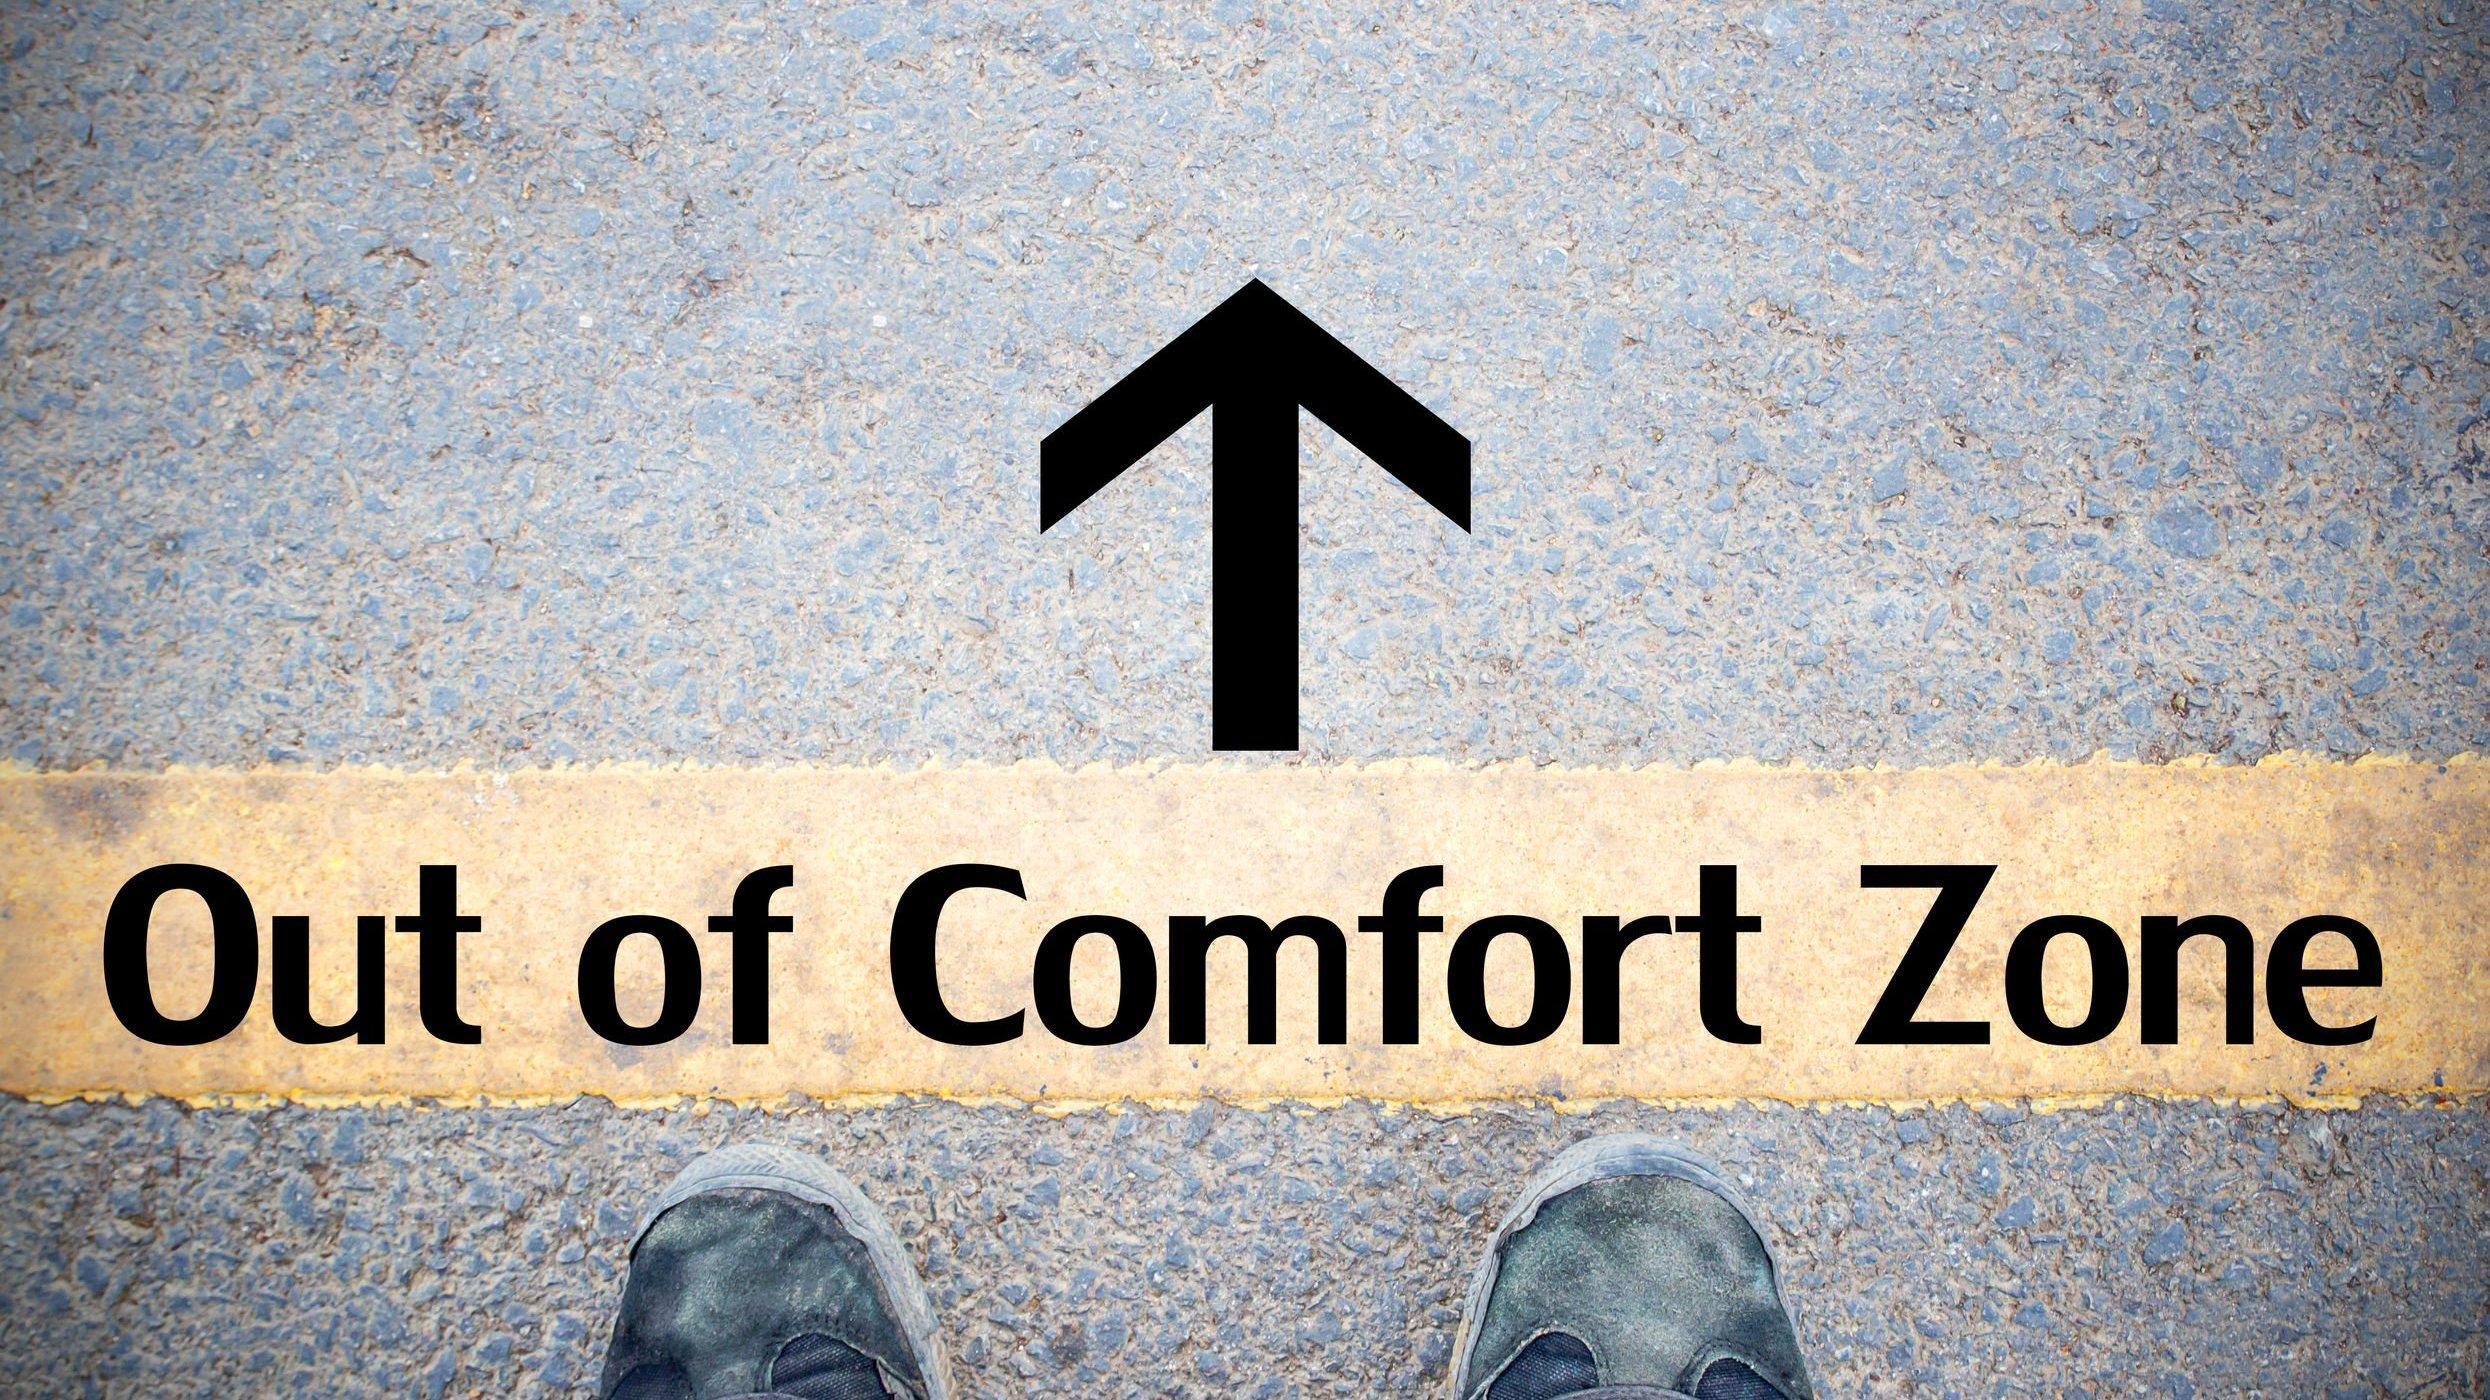 Pernas e sapato de homem atrás de faixa escrito fora da zona de conforto em inglês com seta apontando para frente